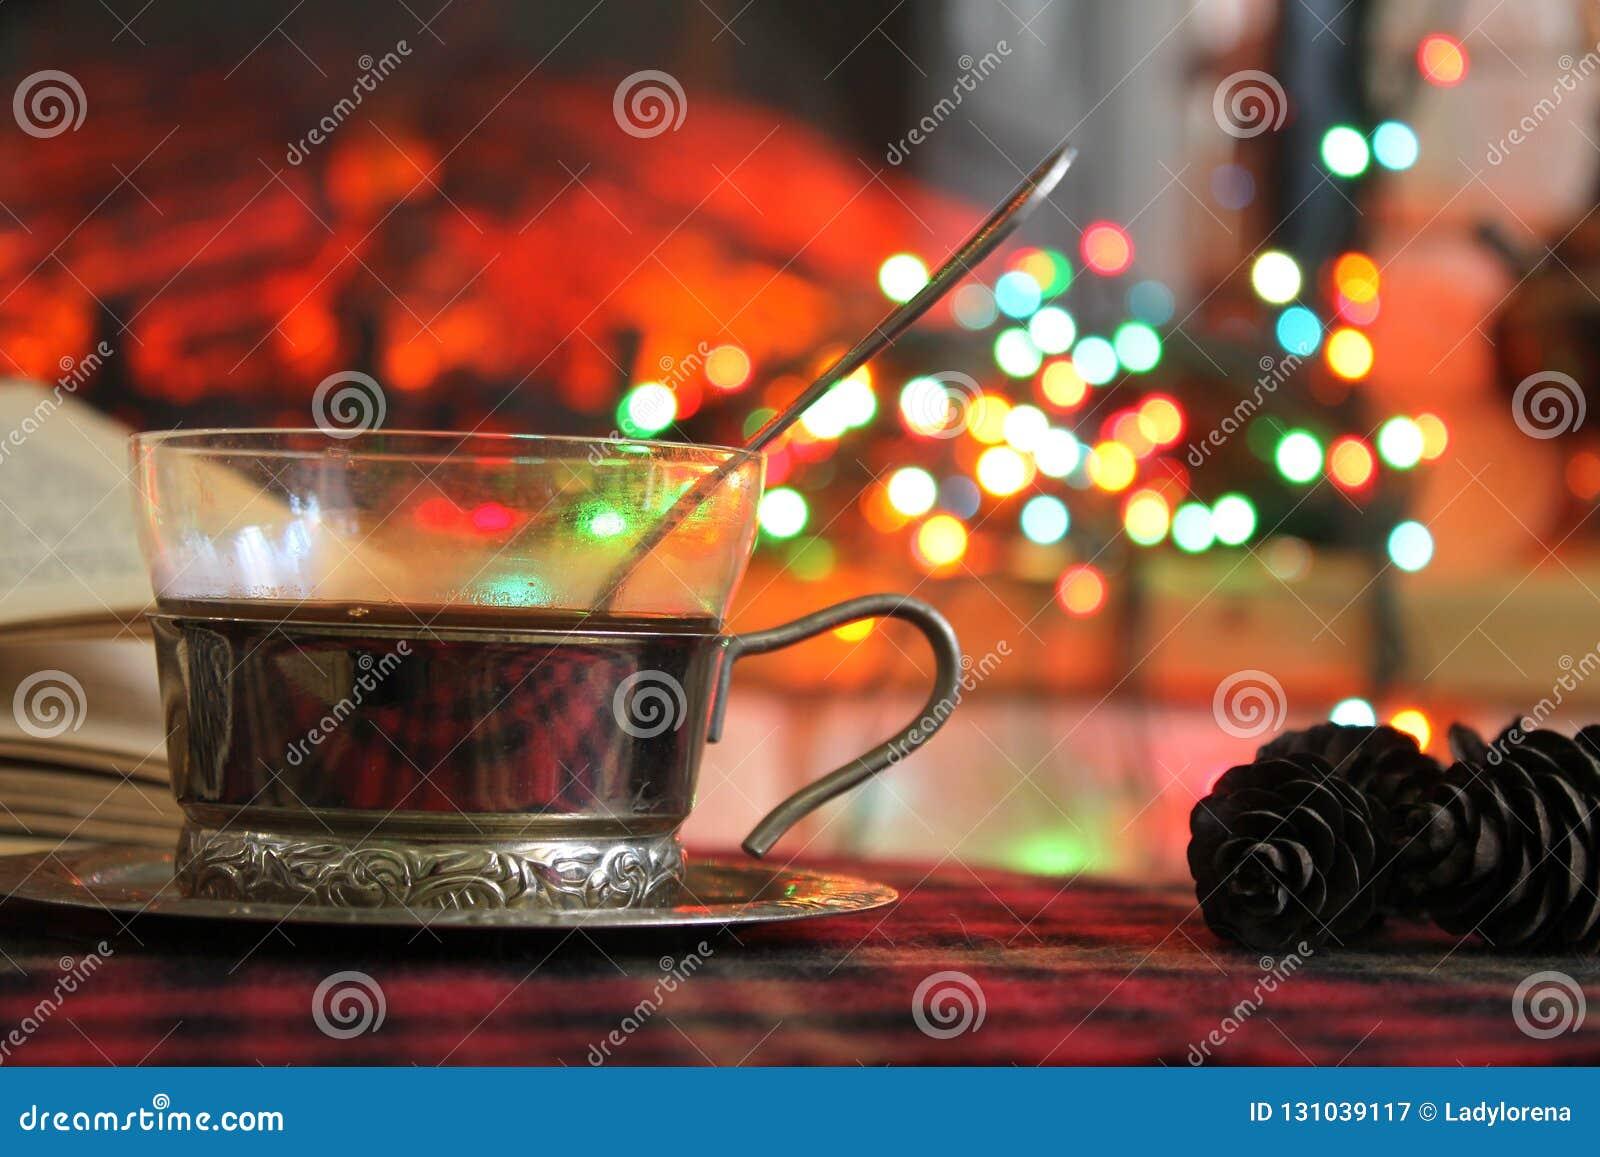 Transparente Tasse Tee in einem Stahlbecherhalter auf dem Hintergrund eines brennenden Kamins und der Weihnachtsgirlande